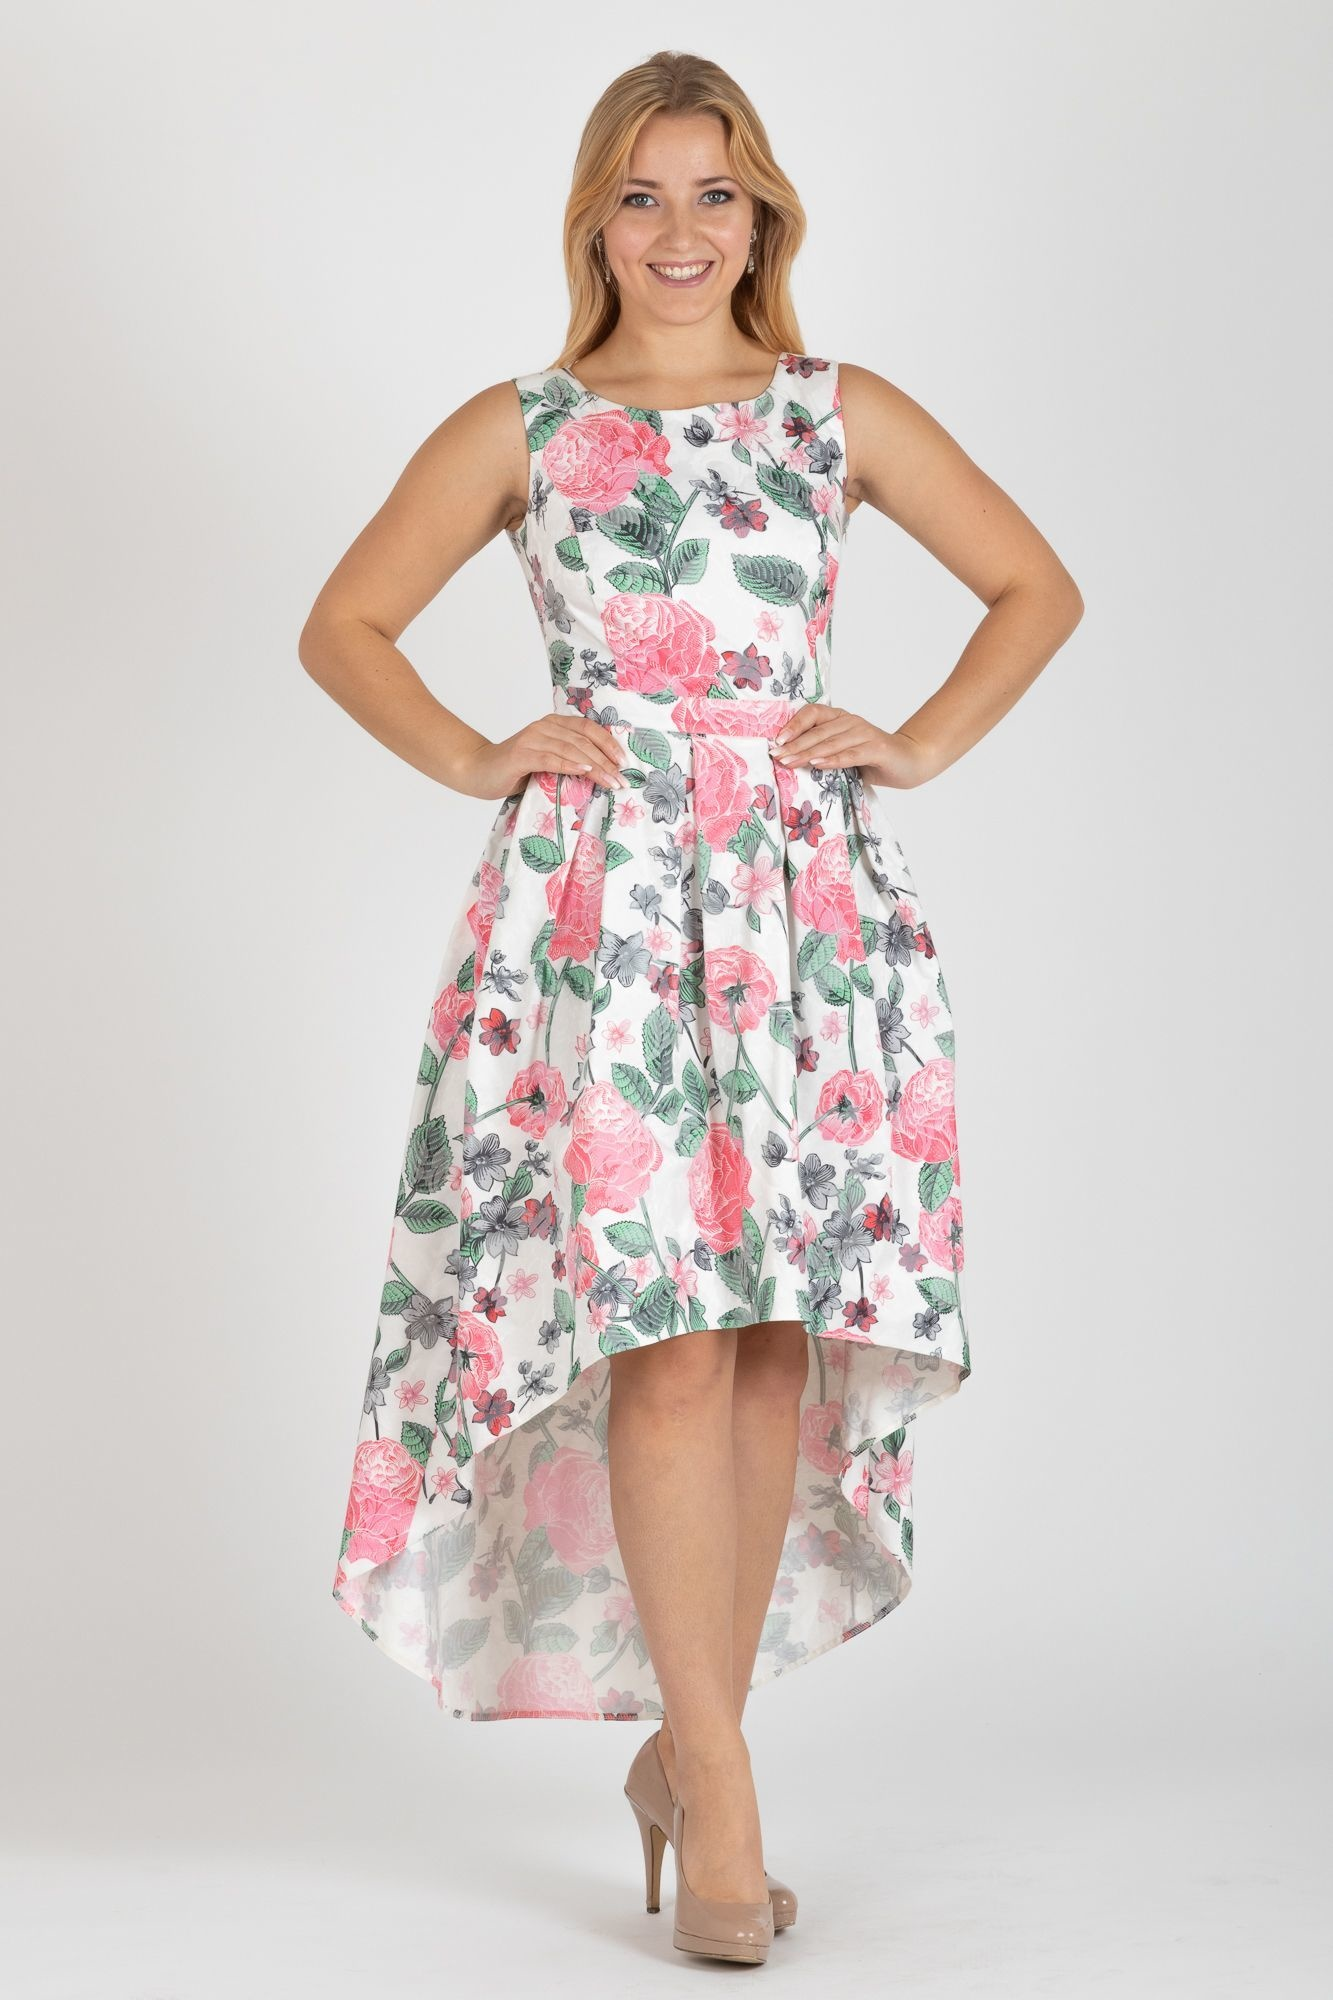 c0832810a5e6 Spoločenské šaty Monika